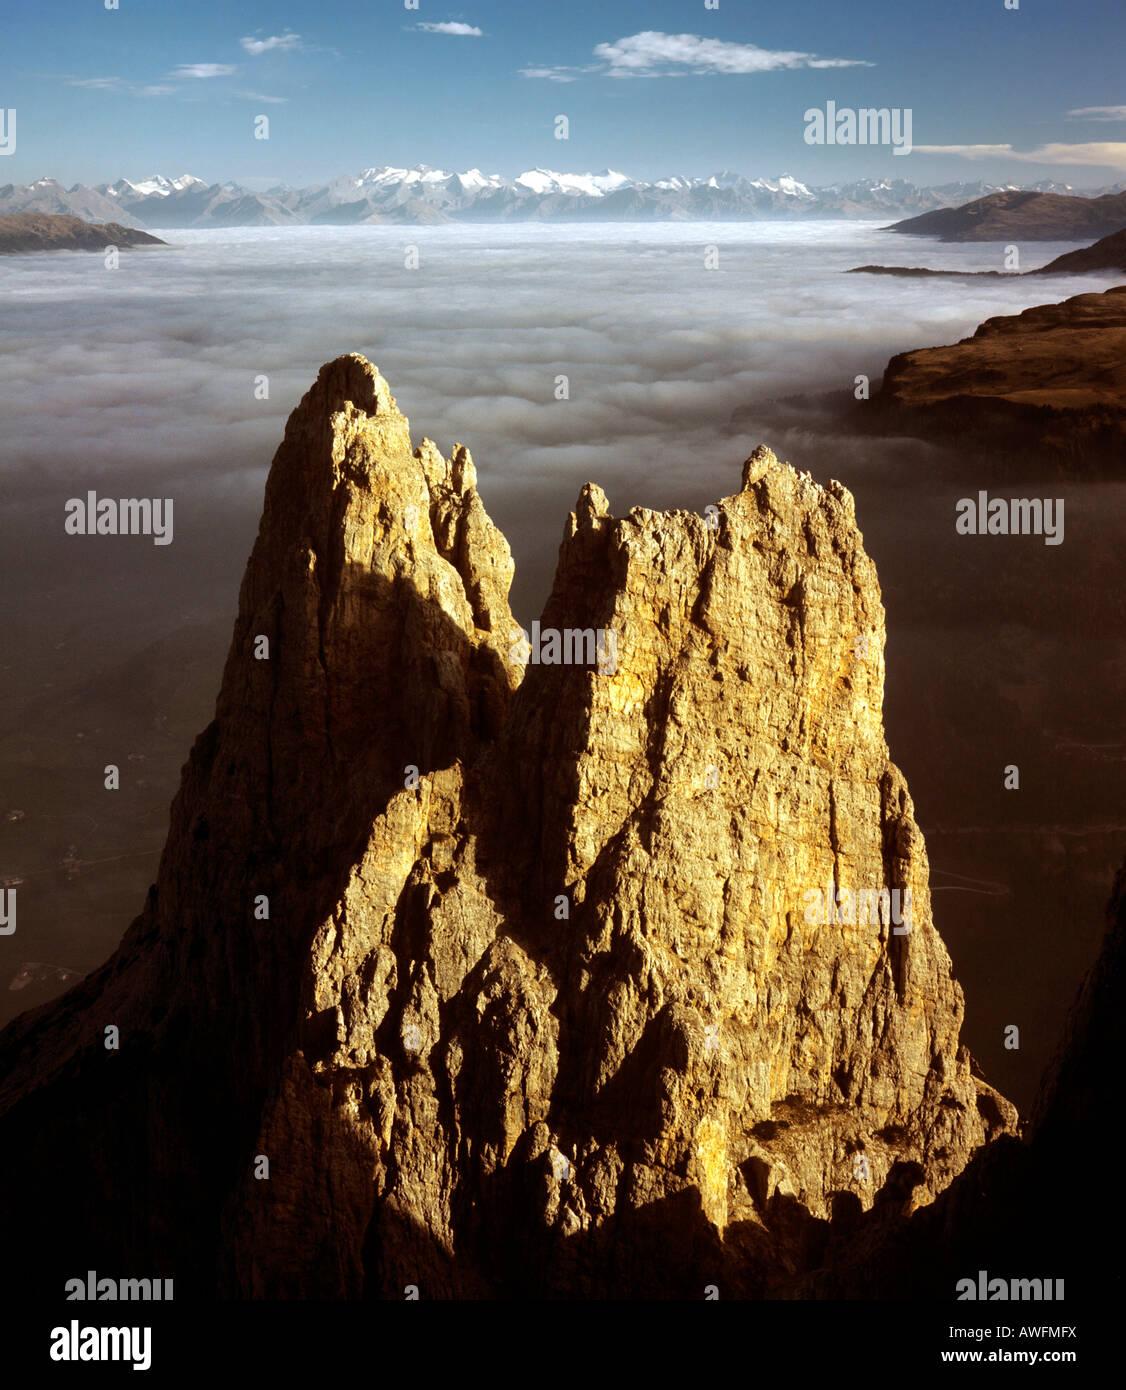 Mt. Santnerspitze and Mt. Euringerspitze, Euringer Turm, Schlern Massif, Eisacktal Valley in a sea of fog, Dolomites, - Stock Image